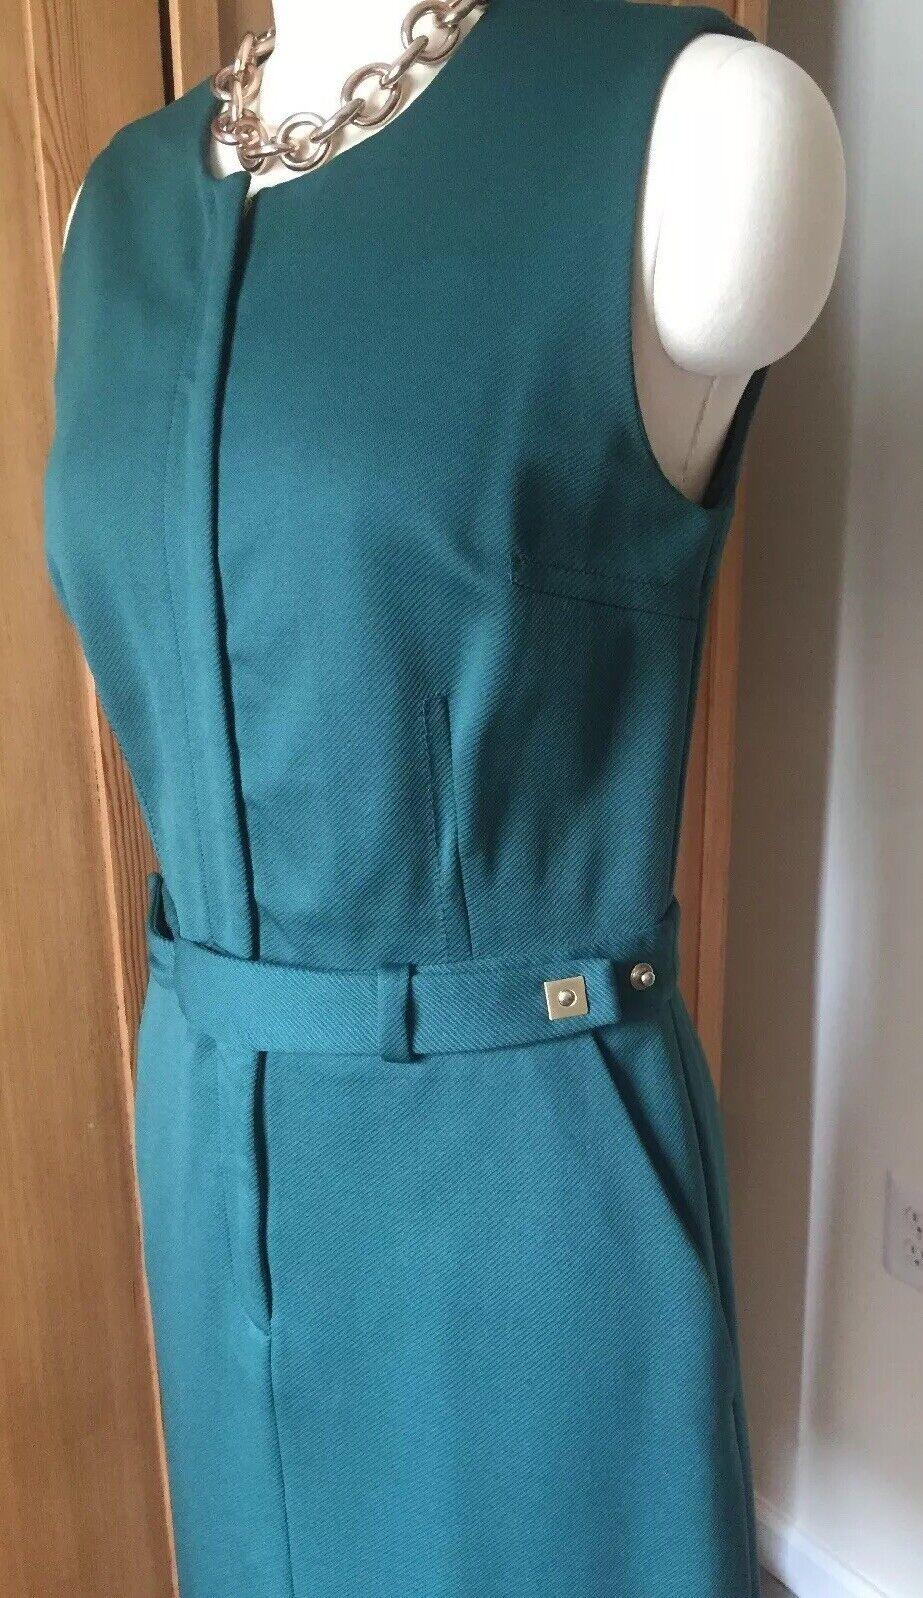 1779ecdb5 Diane Von Furstenberg Dark Pine Green Zipper Belted Tailored Dress Size 10